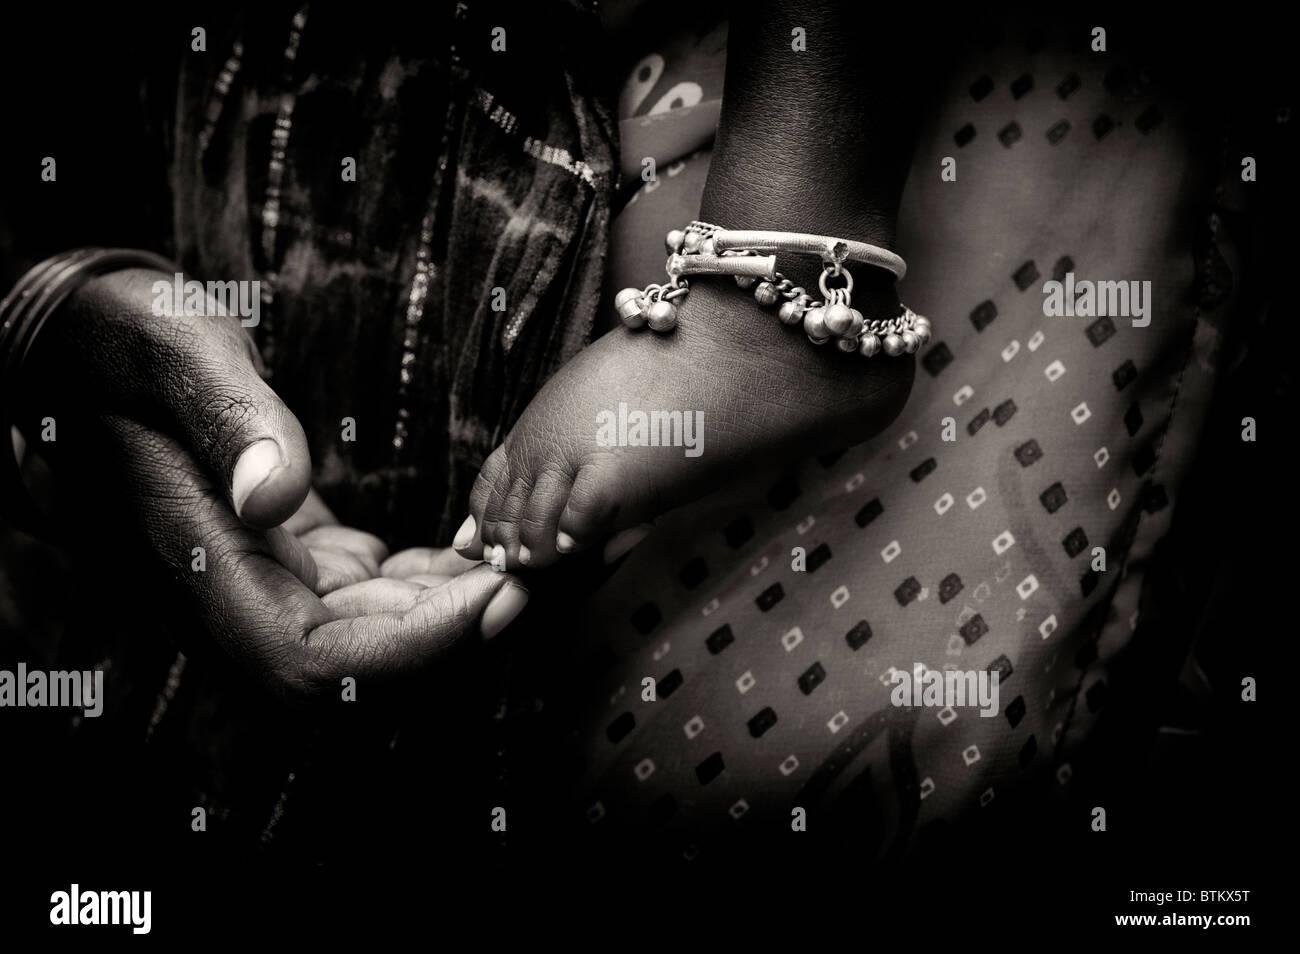 Indian madre e bambino, a mano e a pedale. India. Mononchrome Immagini Stock